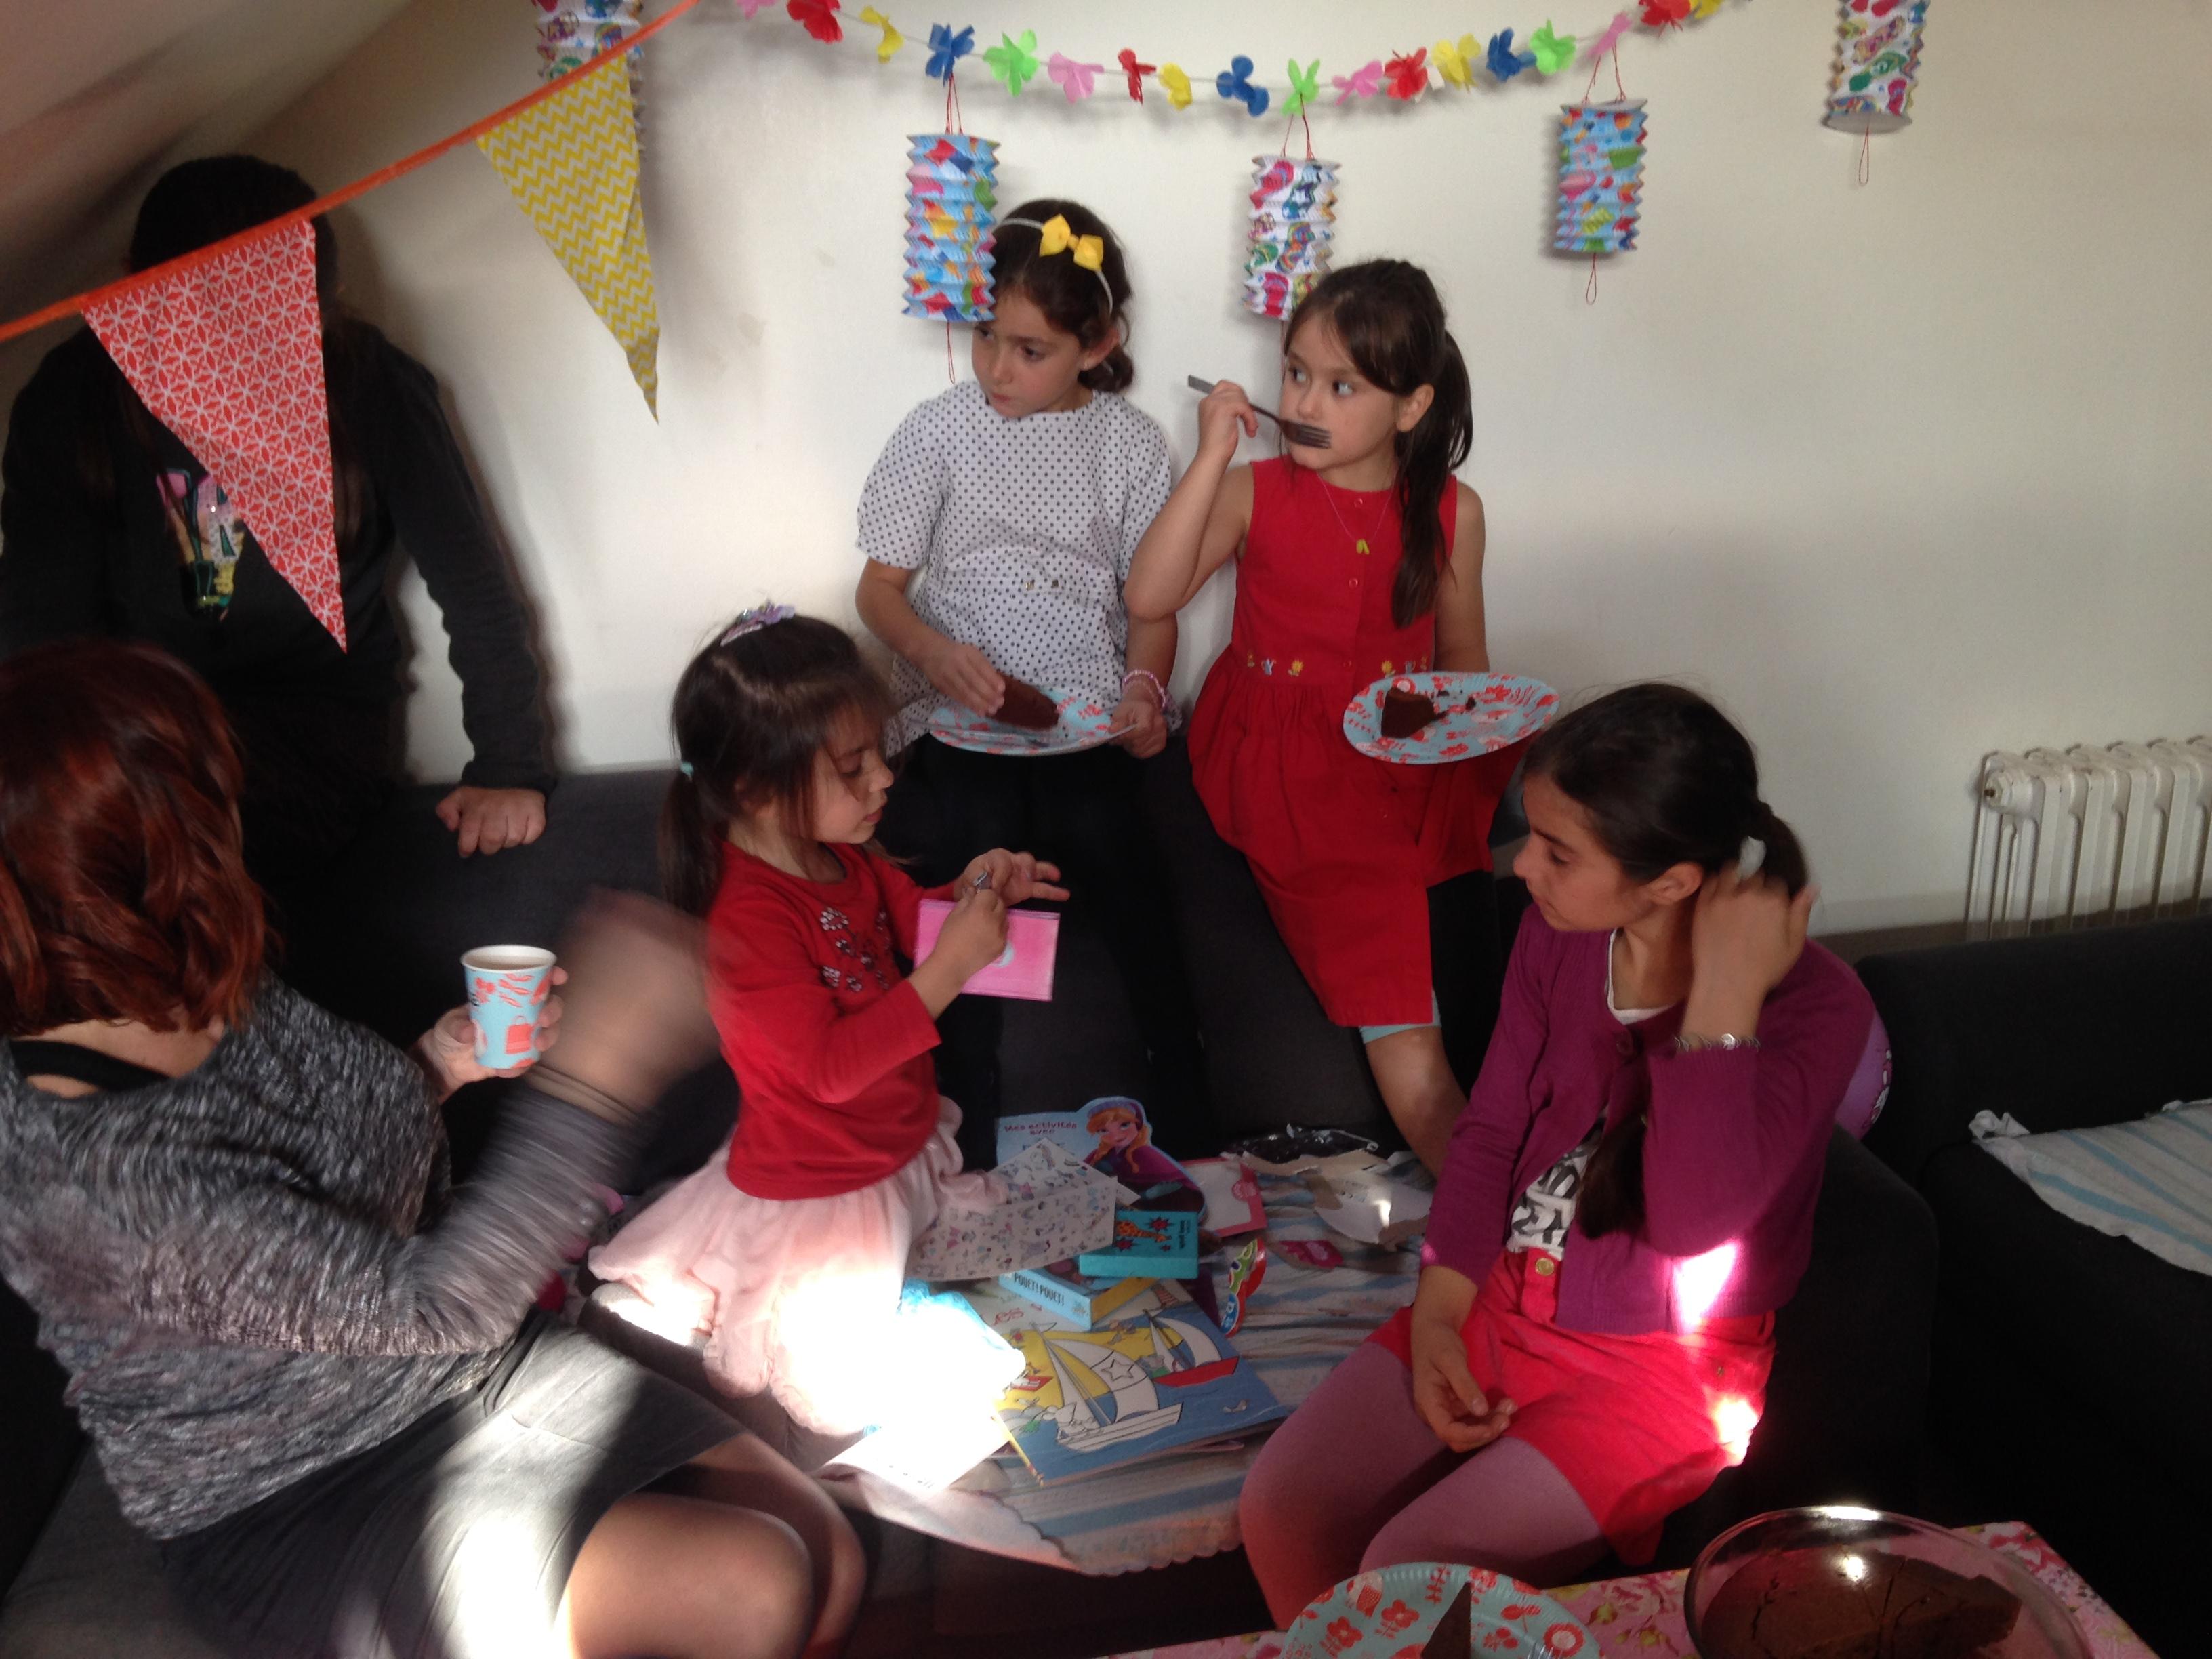 Eliana fête ses 5 ans avec ses copines